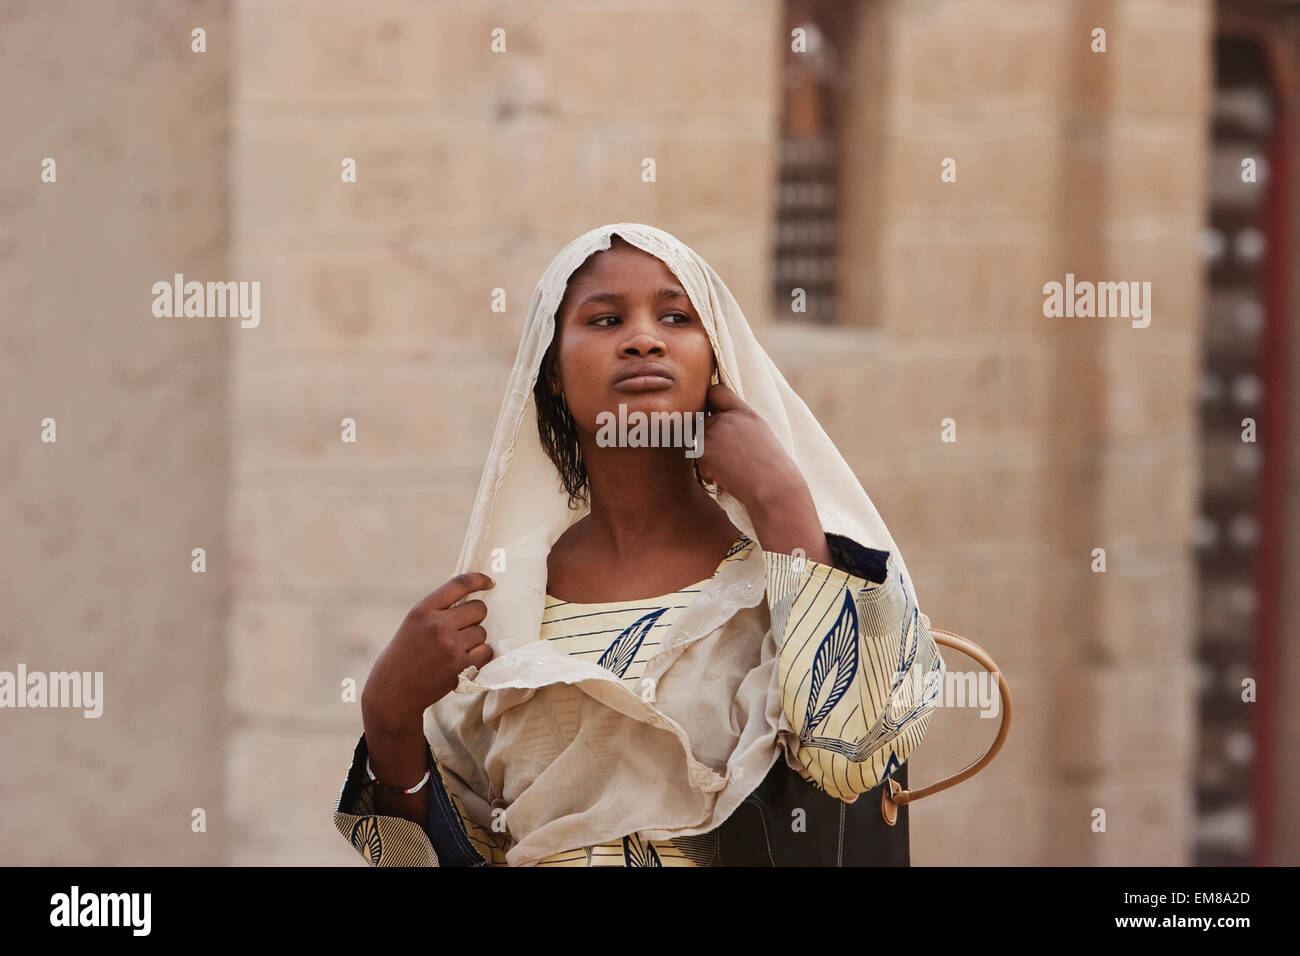 Young woman, Timbuktu, Mali - Stock Image